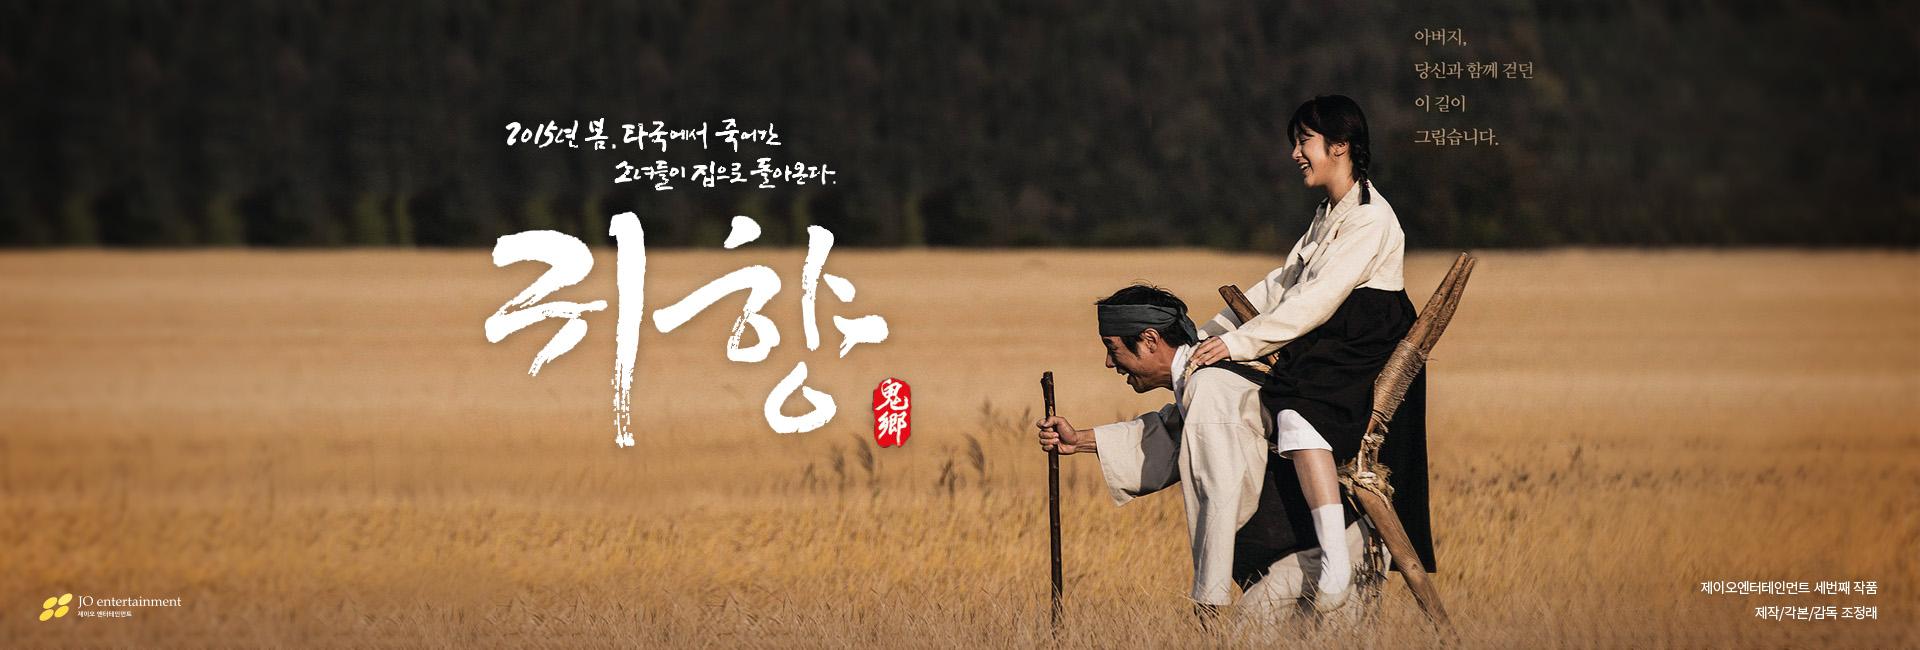 영화 귀향 01